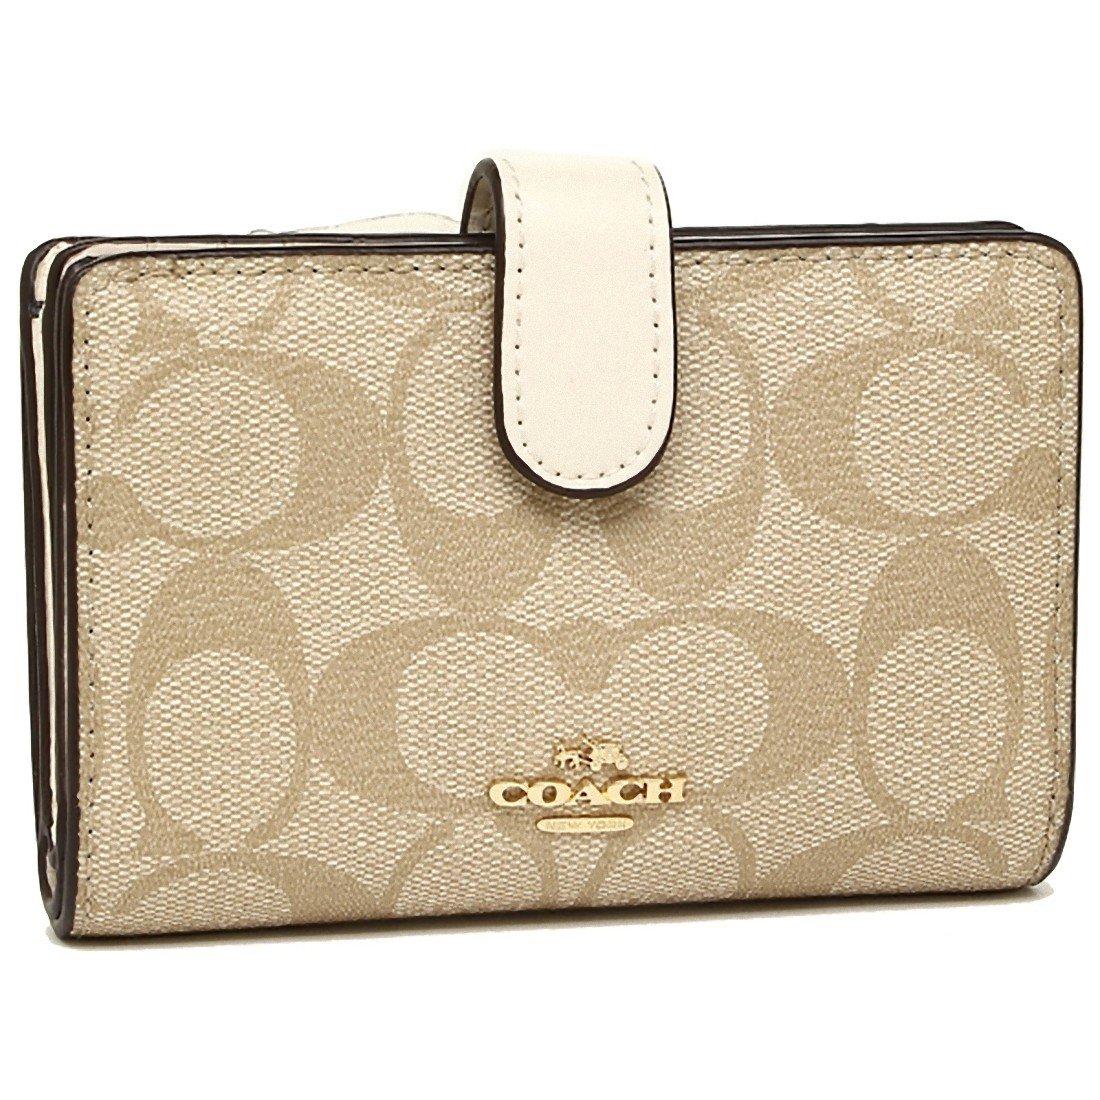 [コーチ] COACH 財布 (二つ折り財布) F54023 シグネチャー 財布 レディース [アウトレット品] [並行輸入品] B07DCLSNXT (6)IMDQC ホワイト (6)IMDQC ホワイト